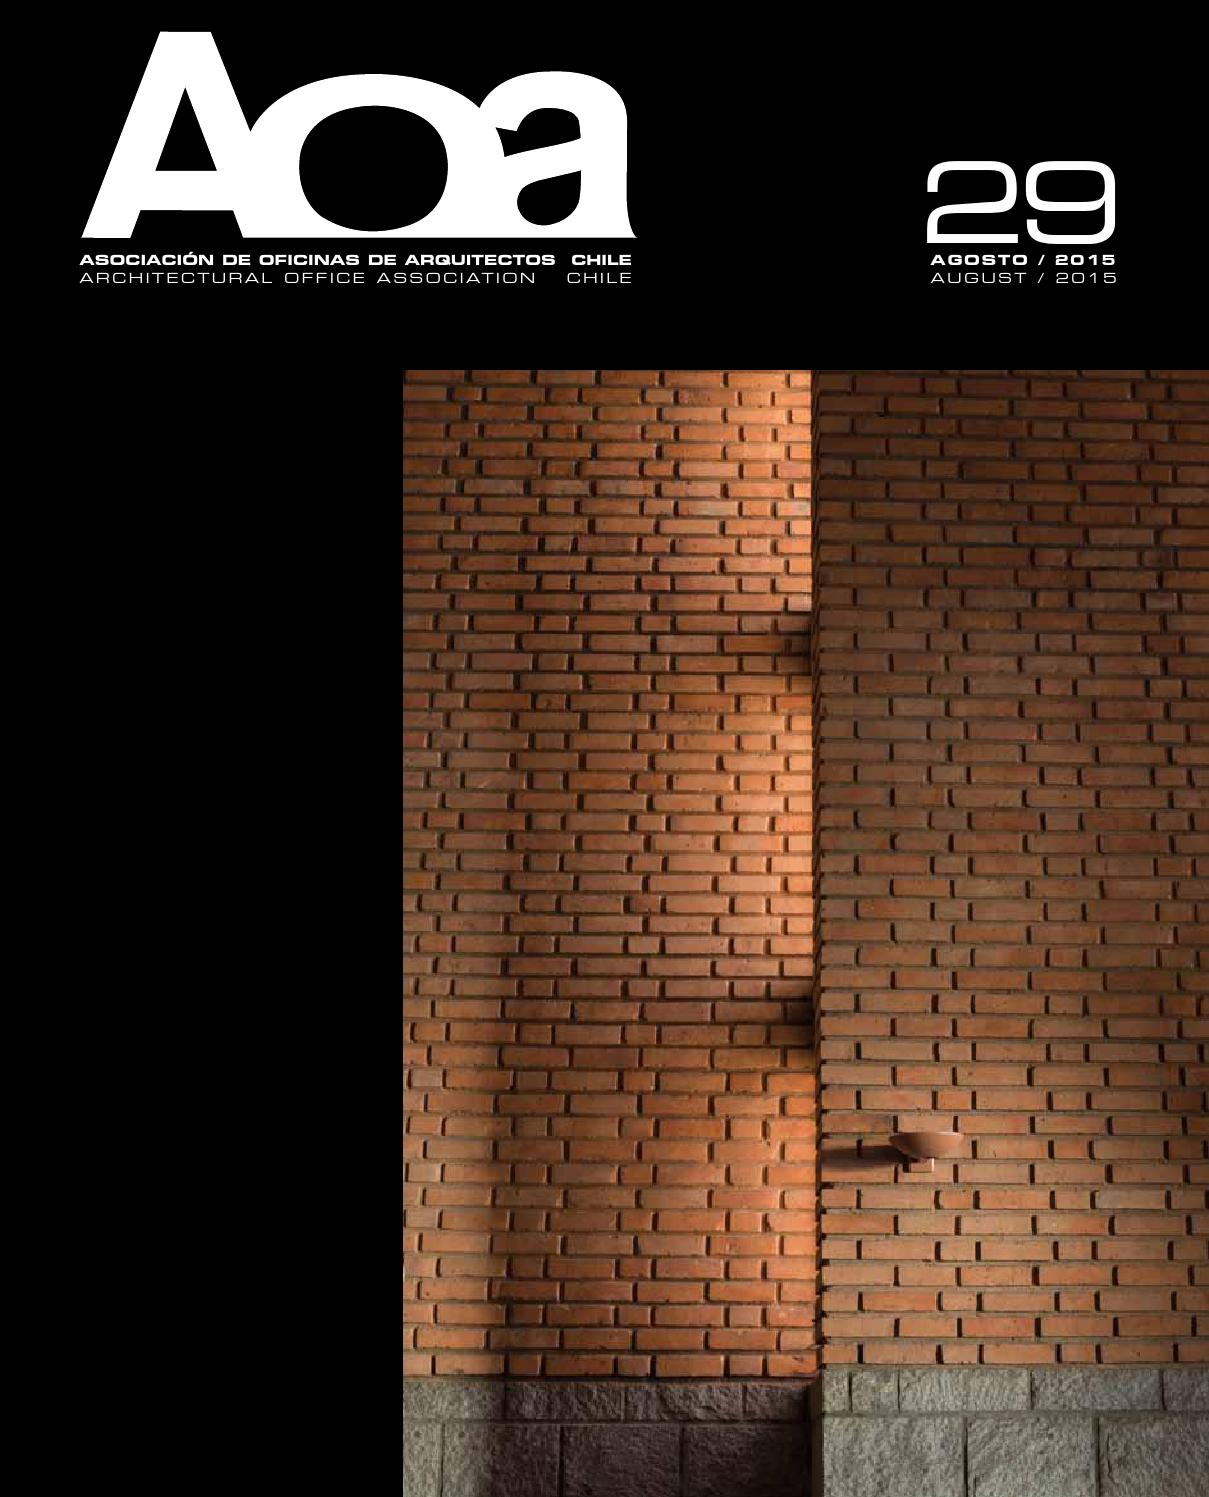 Revista AOA N29 By Asociacin De Oficinas De Arquitectos